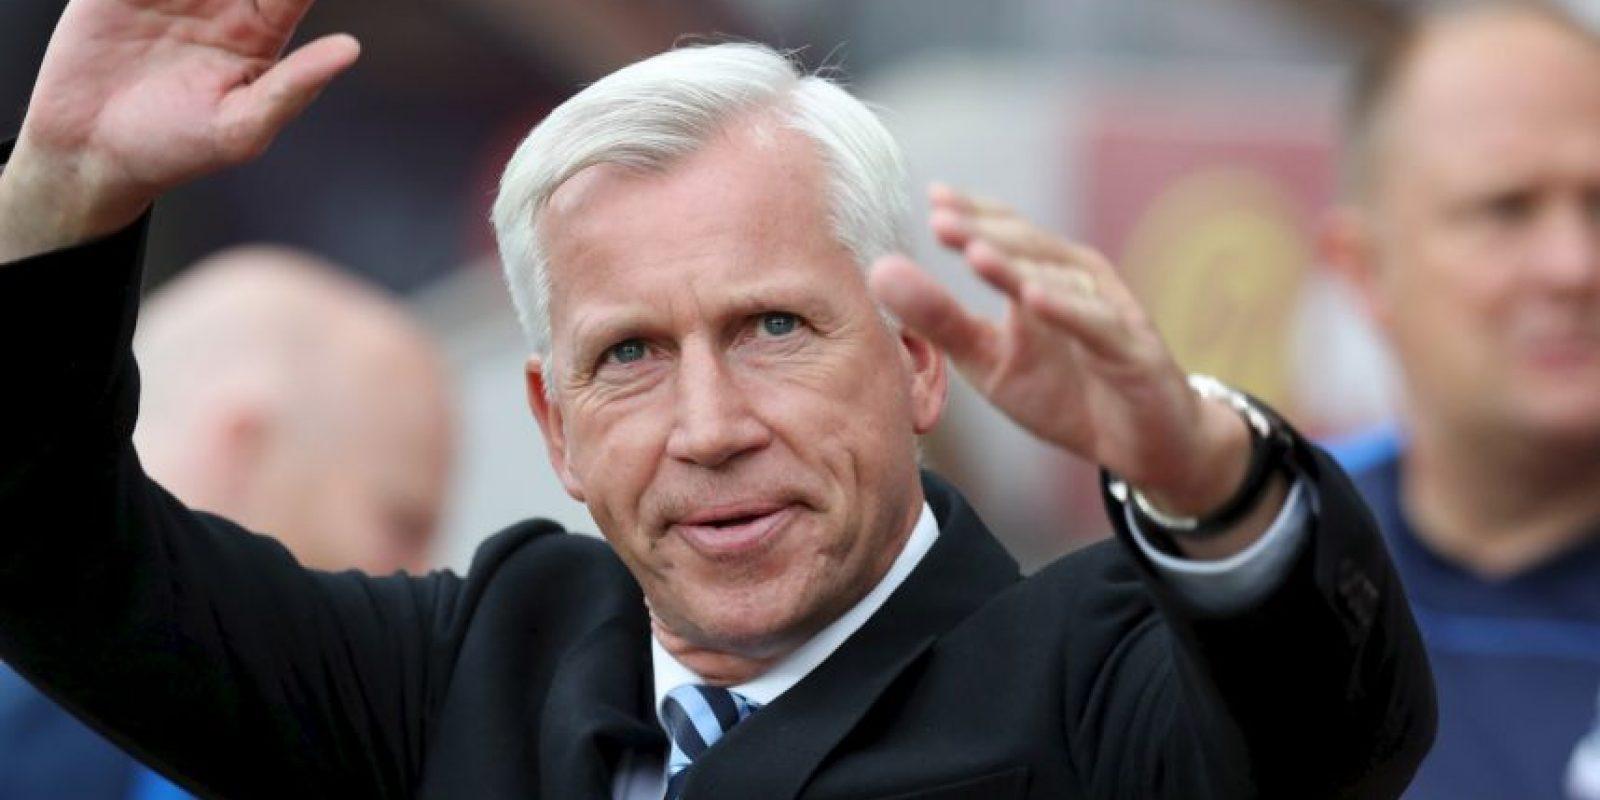 Tiene una larga trayectoria en el fútbol inglés y fue premiado en la temporada 2011/12 como el mejor técnico de la Premier League Foto:Getty Images